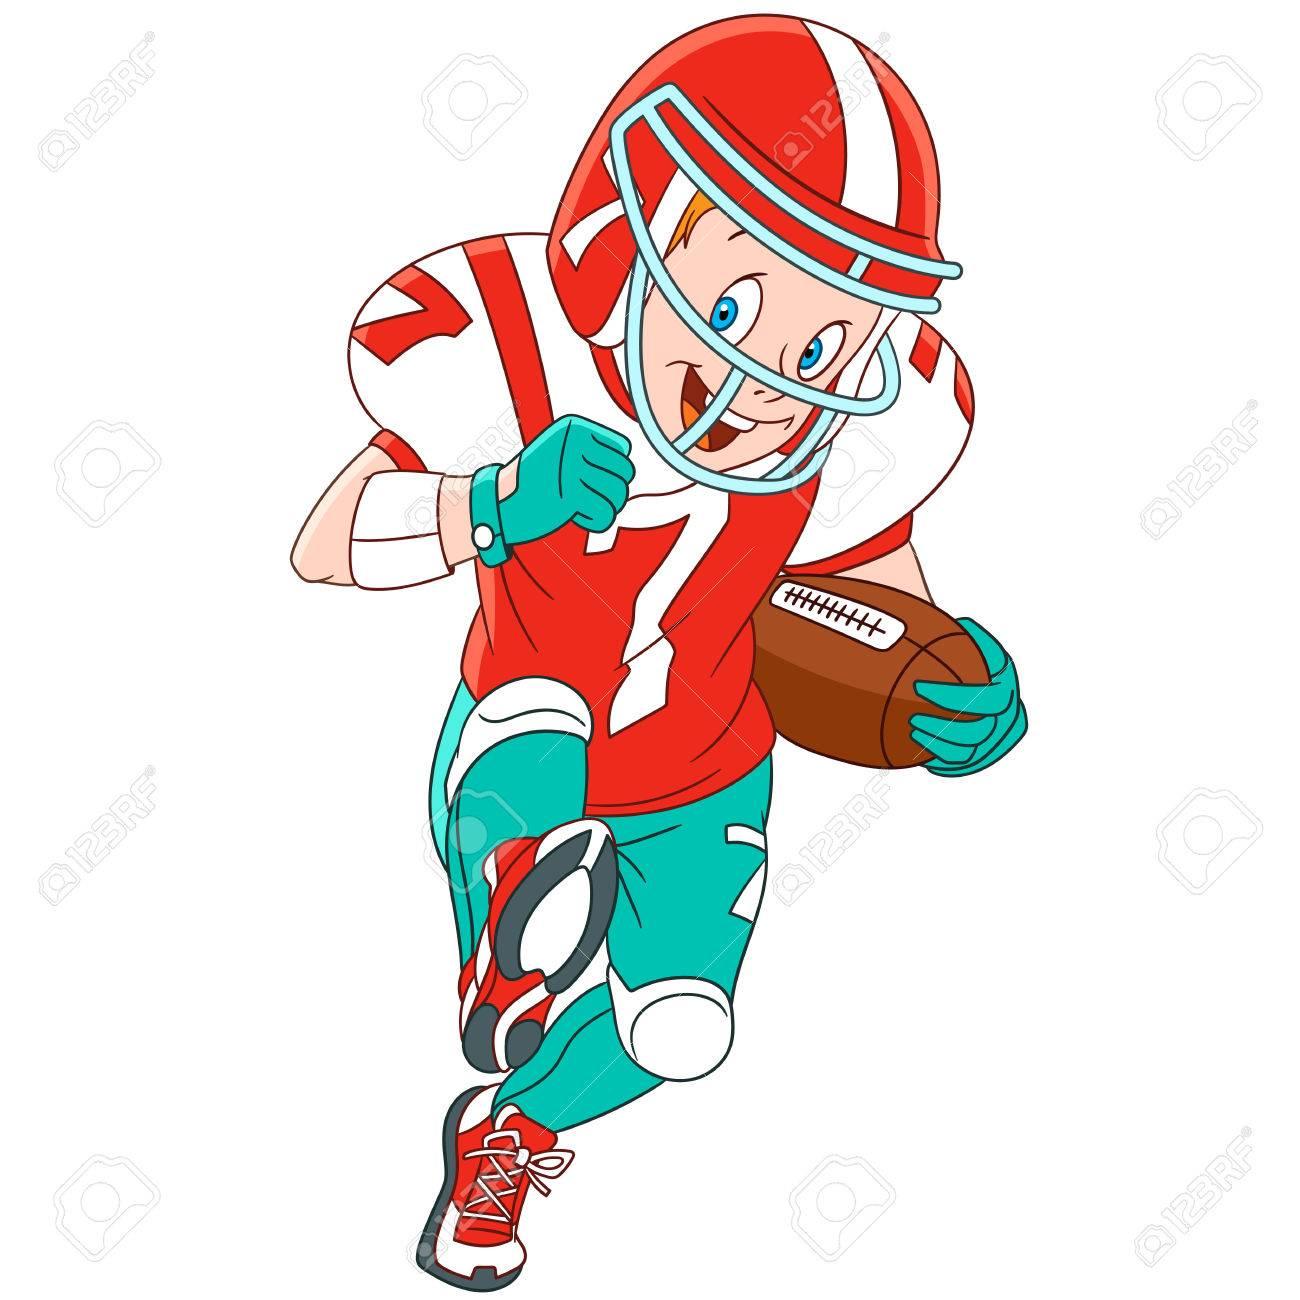 かわいいと喜んで漫画少年ラグビー アメリカン フットボール白い背景